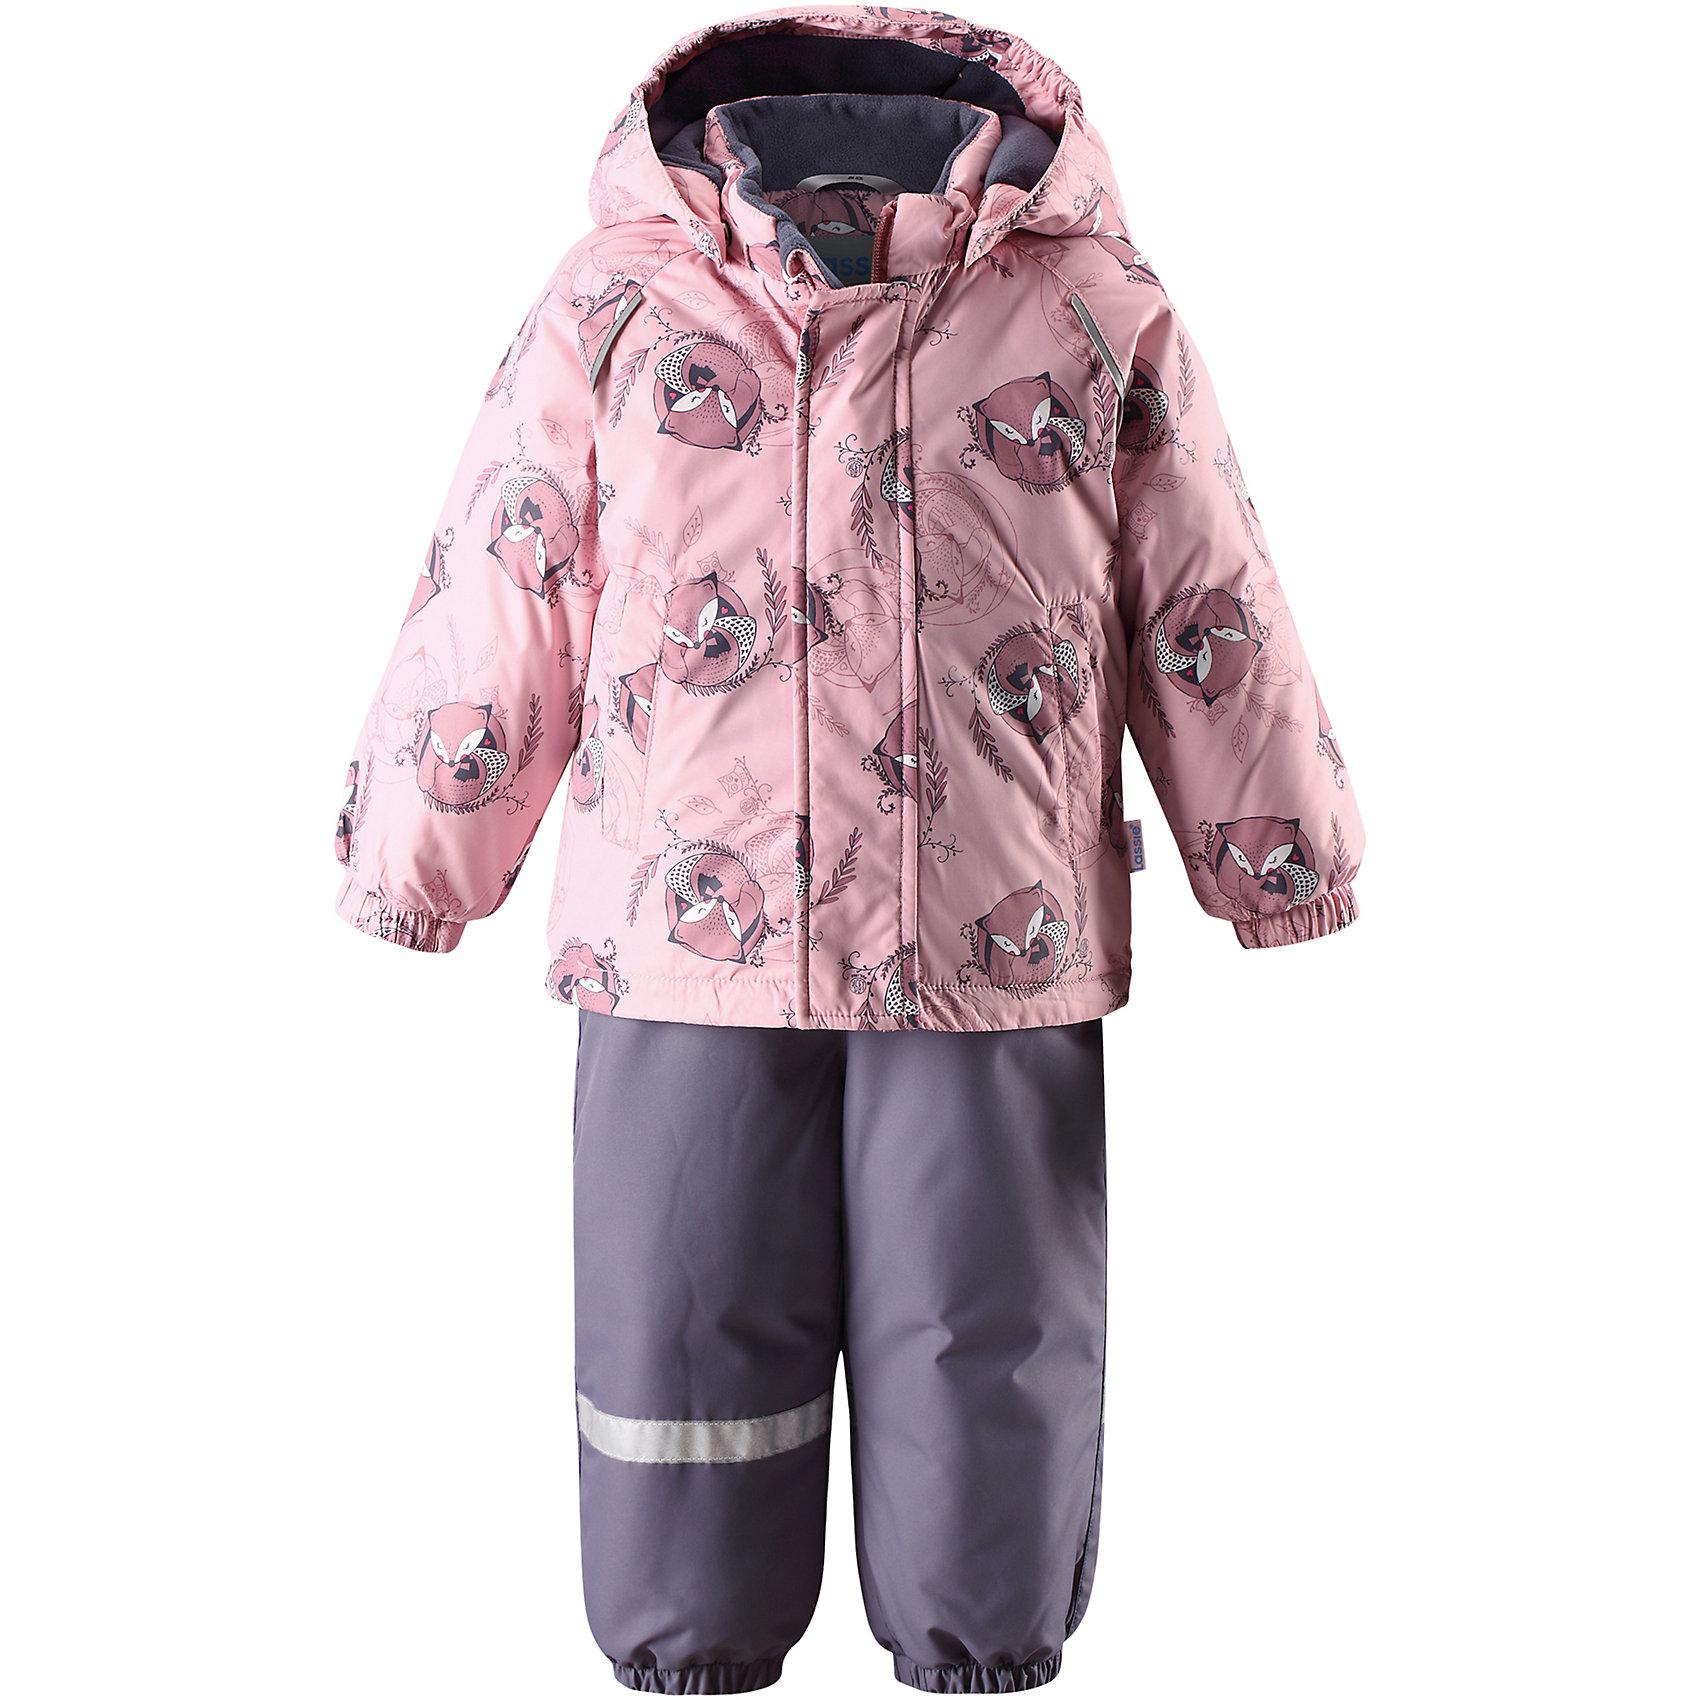 Комплект LassieОдежда<br>Характеристики товара:<br><br>• цвет: розовый;<br>• состав: 100% полиэстер, полиуретановое покрытие;<br>• подкладка: 100% полиэстер;<br>• утеплитель: куртка 180 г/м2, брюки 140 г/м2;<br>• сезон: зима;<br>• температурный режим: от 0 до -20С;<br>• водонепроницаемость: 1000 мм;<br>• воздухопроницаемость: 2000 мм;<br>• износостойкость: 15000/20000 циклов (тест Мартиндейла)<br>• застежка: молния с защитой подбородка, молния сбоку у брюк;<br>• водоотталкивающий, ветронепроницаемый и дышащий материал;<br>• задний серединный шов брюк проклеен;<br>• гладкая подкладка из полиэстера;<br>• безопасный съемный капюшон;<br>• эластичные манжеты;<br>• регулируемый подол;<br>• эластичные штанины;<br>• съемные эластичные штрипки;<br>• два прорезных кармана;<br>• регулируемые эластичные подтяжки;<br>• светоотражающие детали;<br>• страна бренда: Финляндия;<br>• страна изготовитель: Китай;<br><br>Изумительный зимний комплект для малышей согреет вашего кроху во время прогулок на свежем воздухе. Безопасный съемный капюшон защищает щечки от морозного ветра. Регулируемый подол позволяет откорректировать куртку идеально по фигуре, а благодаря регулируемым подтяжкам и штрипкам брюки не сползут и не будут задираться даже во время самых активных игр на снегу. Удобные прорезные карманы помогут сберечь все маленькие сокровища!<br><br>Комплект Lassie (Ласси) можно купить в нашем интернет-магазине.<br><br>Ширина мм: 356<br>Глубина мм: 10<br>Высота мм: 245<br>Вес г: 519<br>Цвет: розовый<br>Возраст от месяцев: 24<br>Возраст до месяцев: 36<br>Пол: Женский<br>Возраст: Детский<br>Размер: 98,80,86,92<br>SKU: 6905406